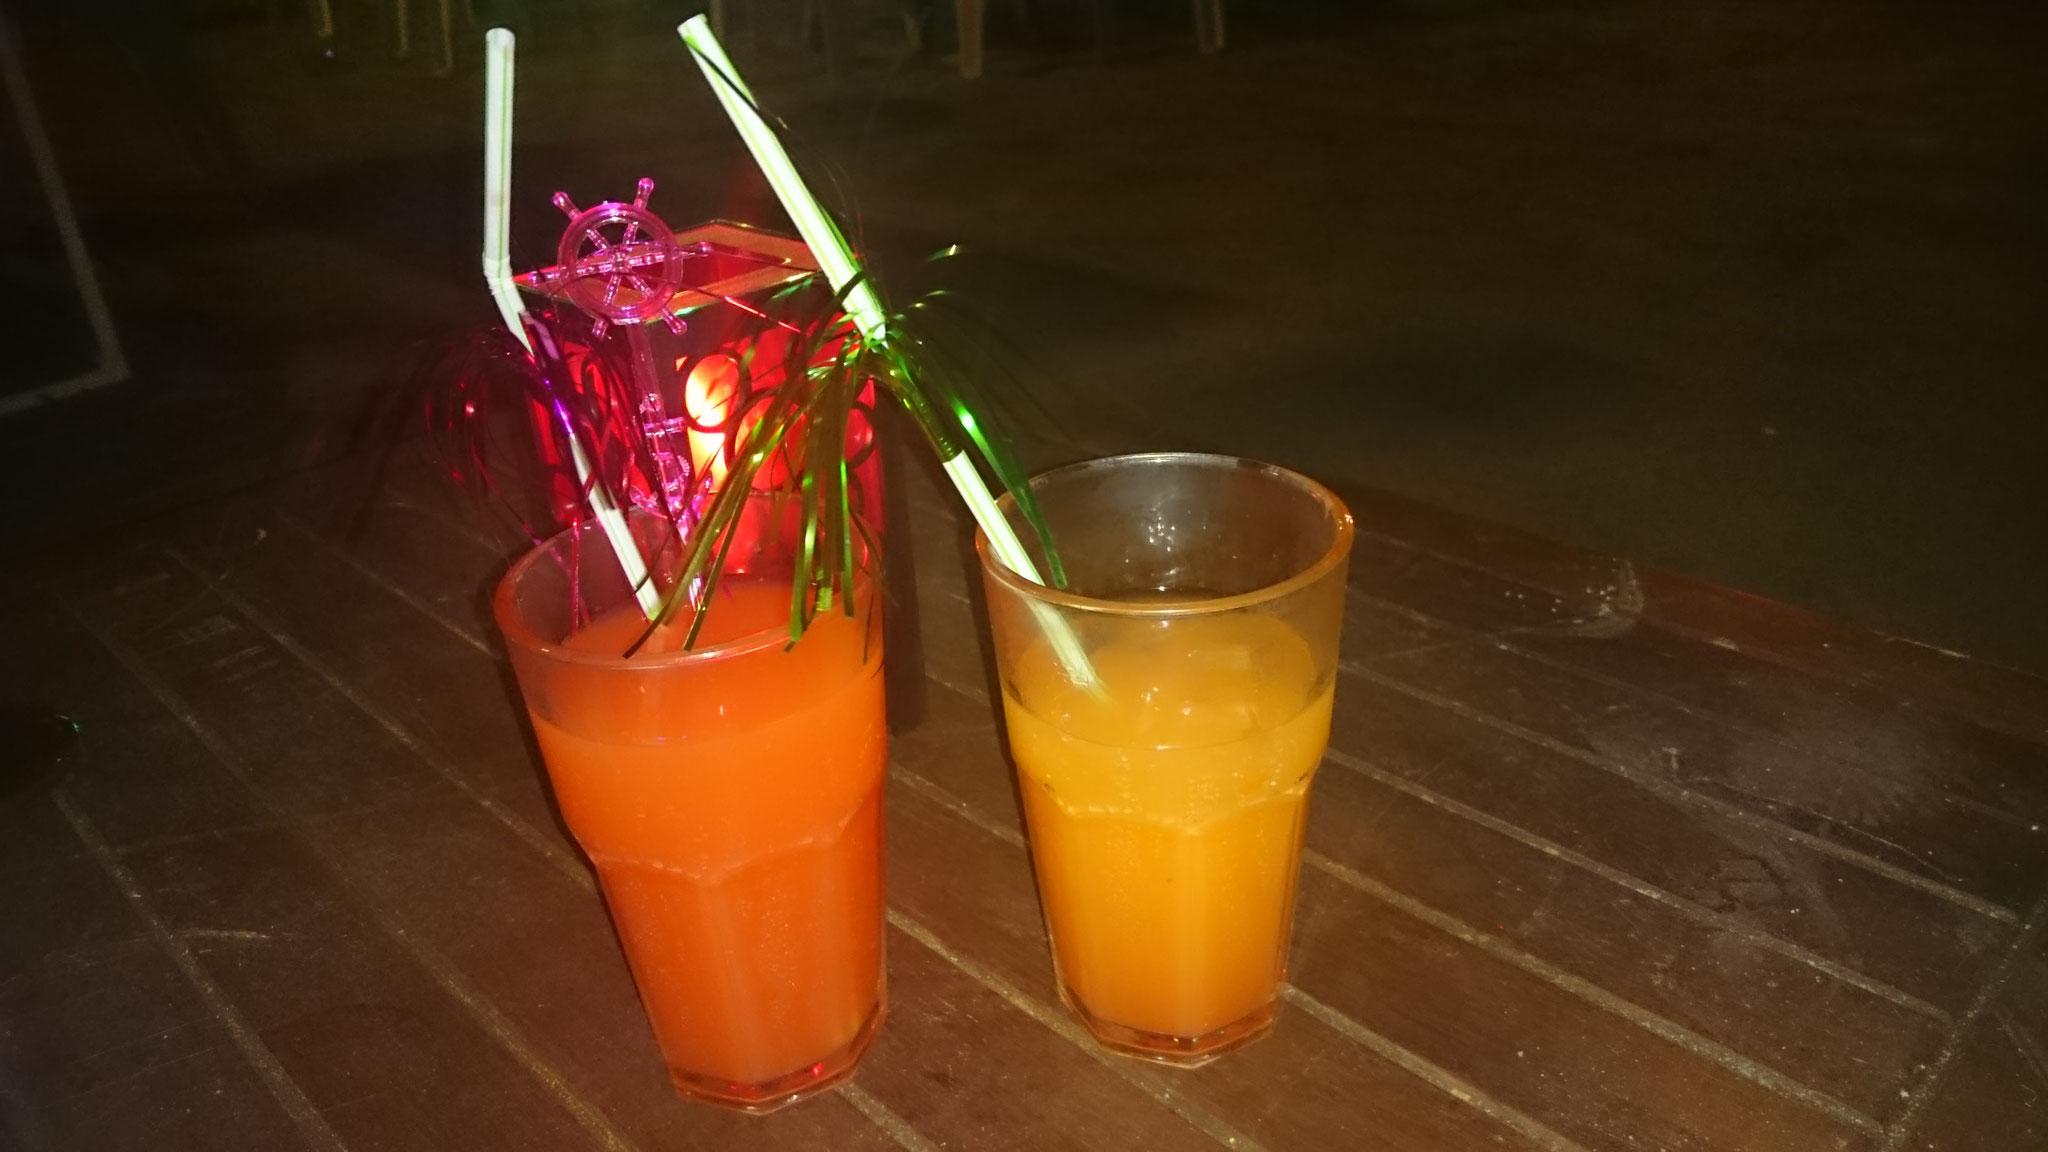 Die Abendlichen Cocktails wurde auch genossen.